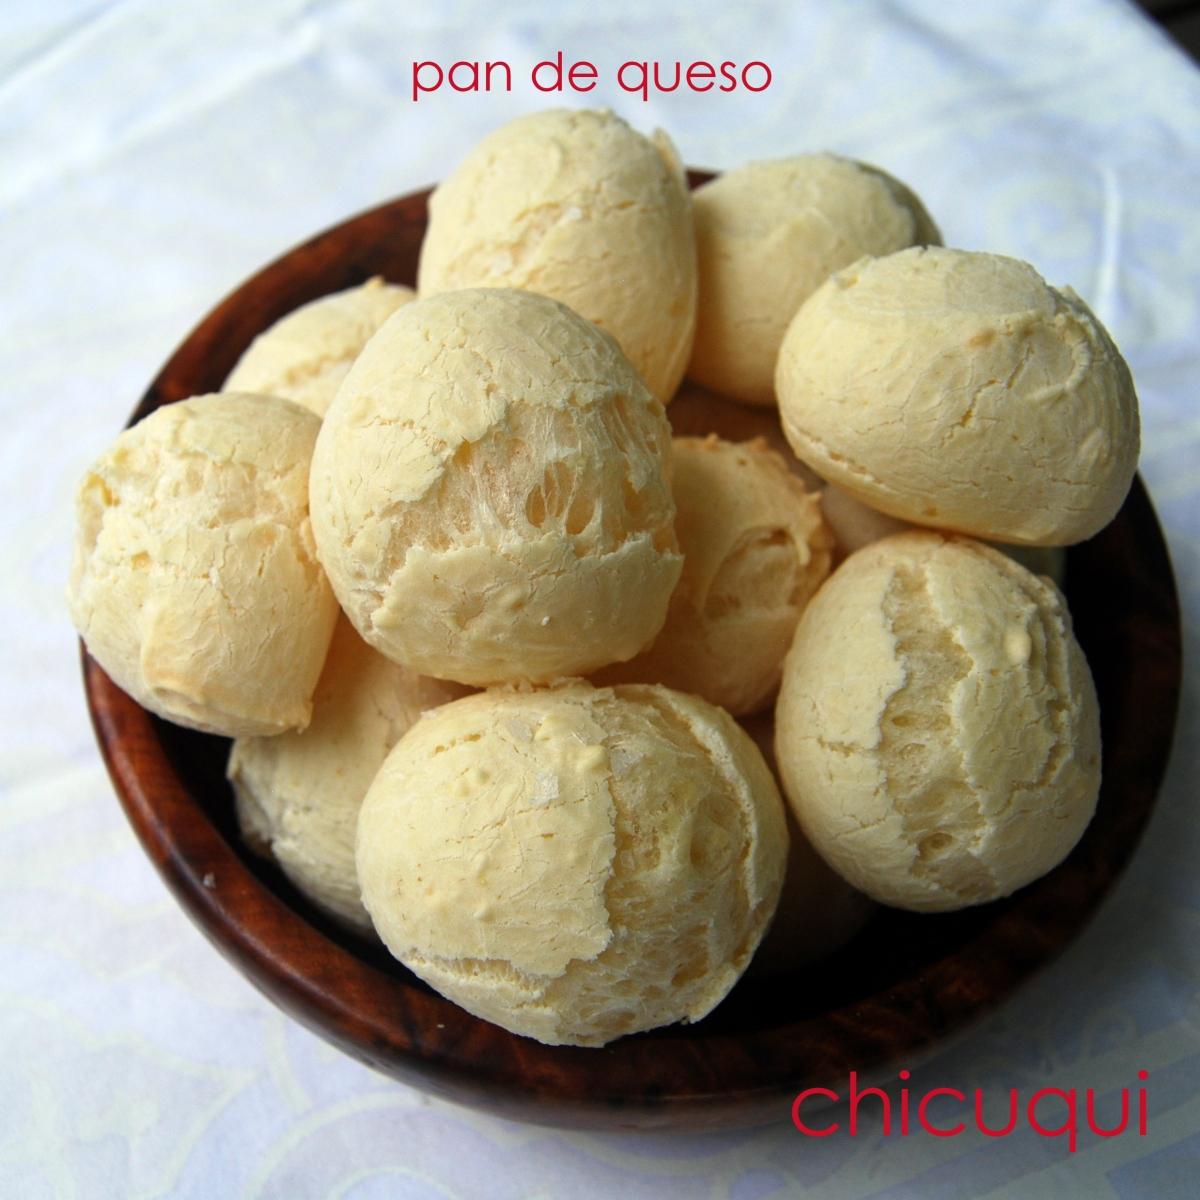 Receta de Pan de queso o Pao de Queijo